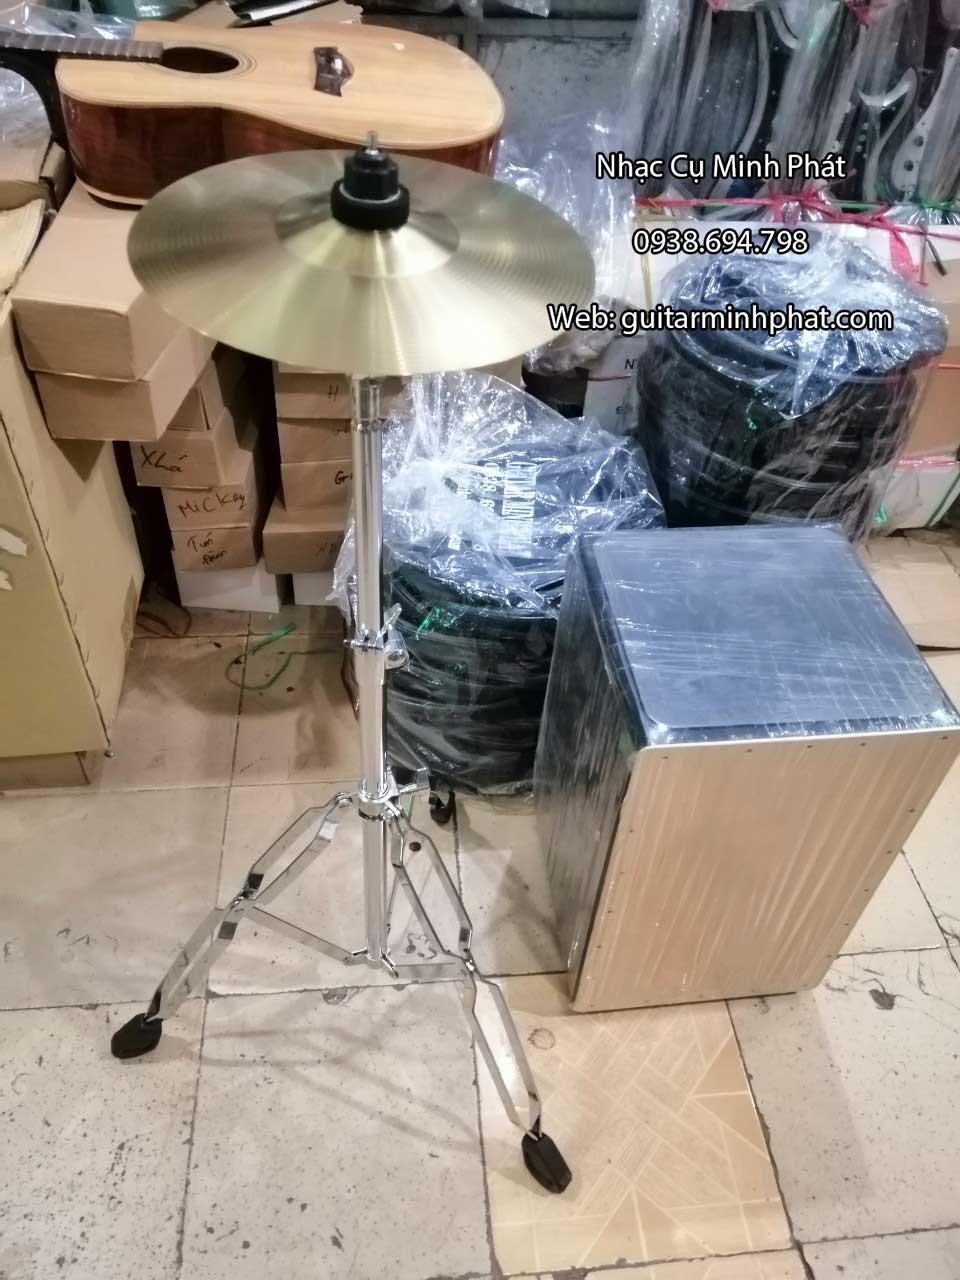 Mua lá Cymbal cajon 10 inch tại Nhạc Cụ Minh Phát